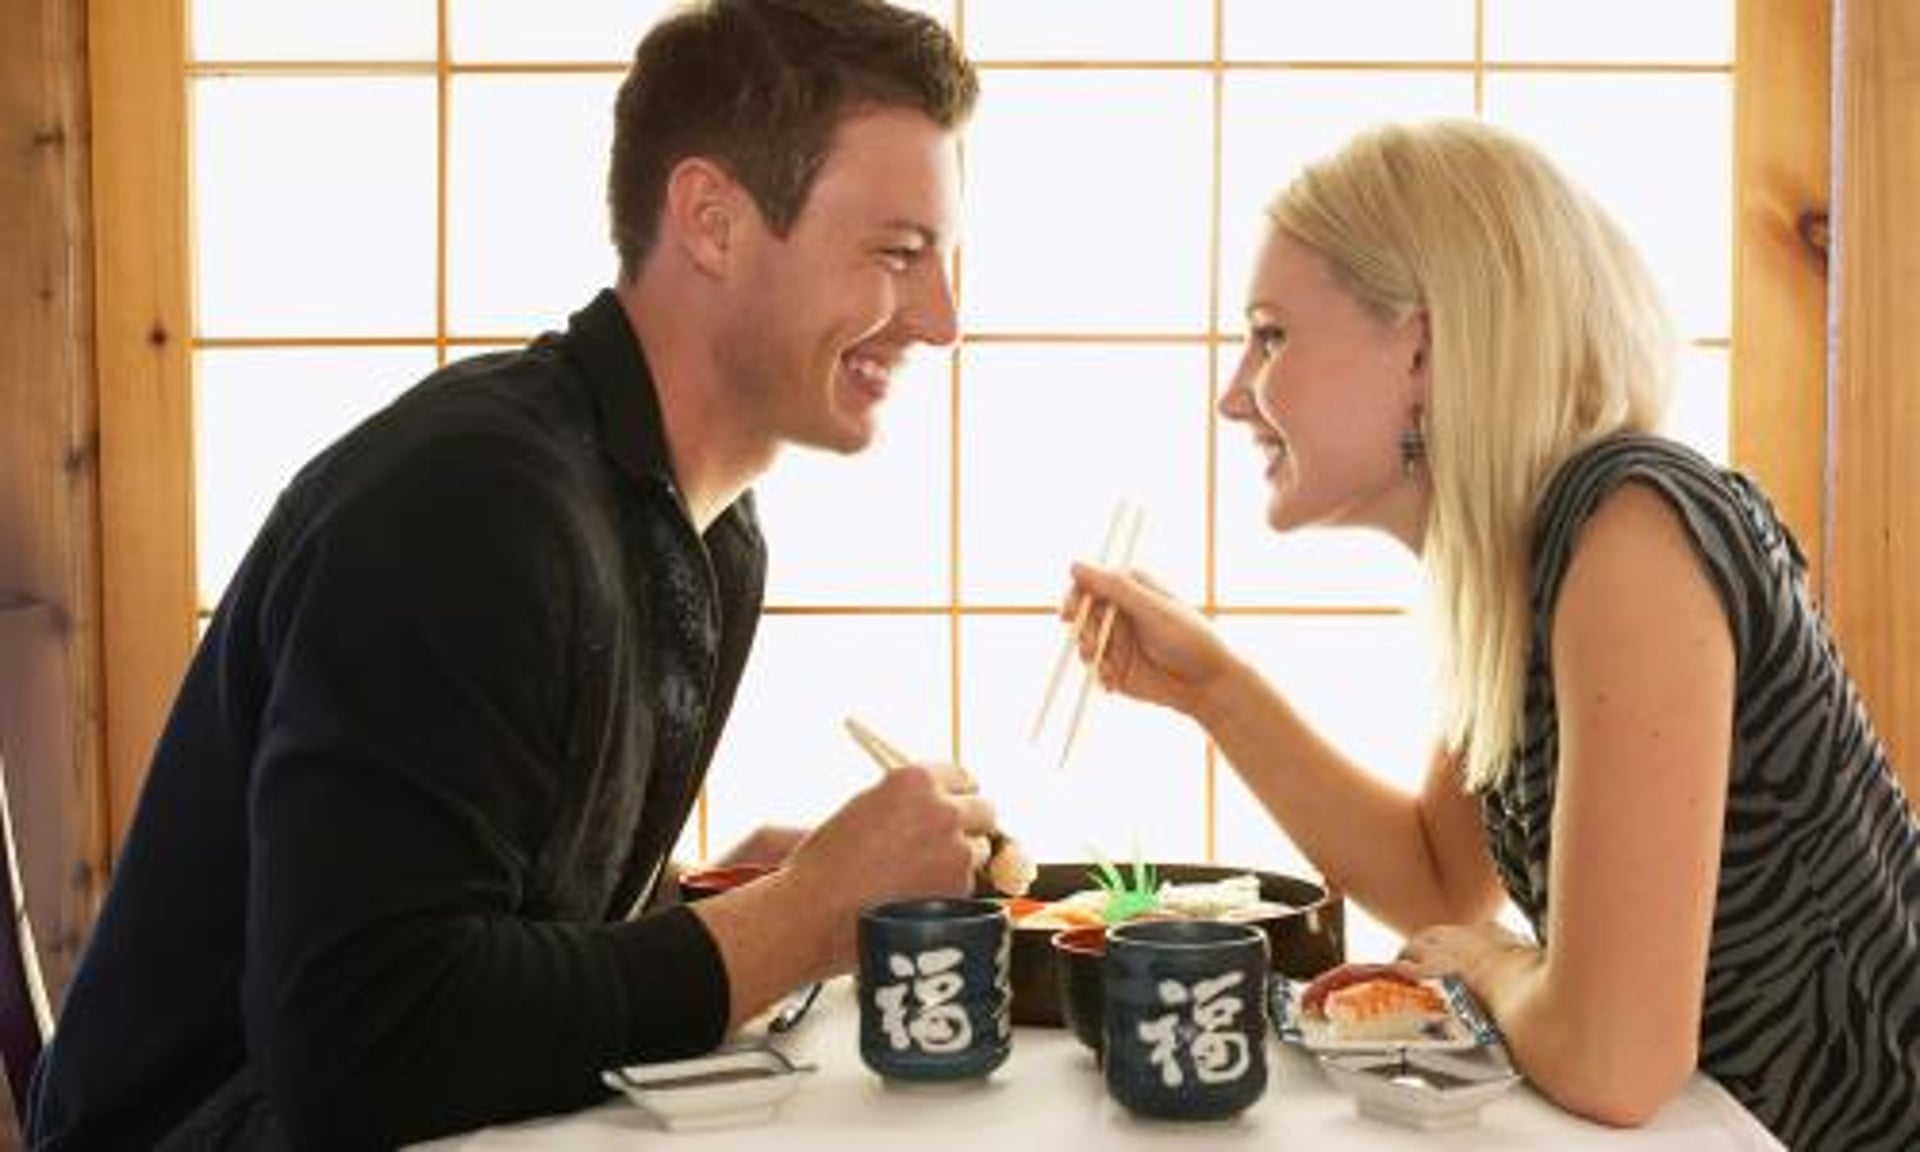 ev dating